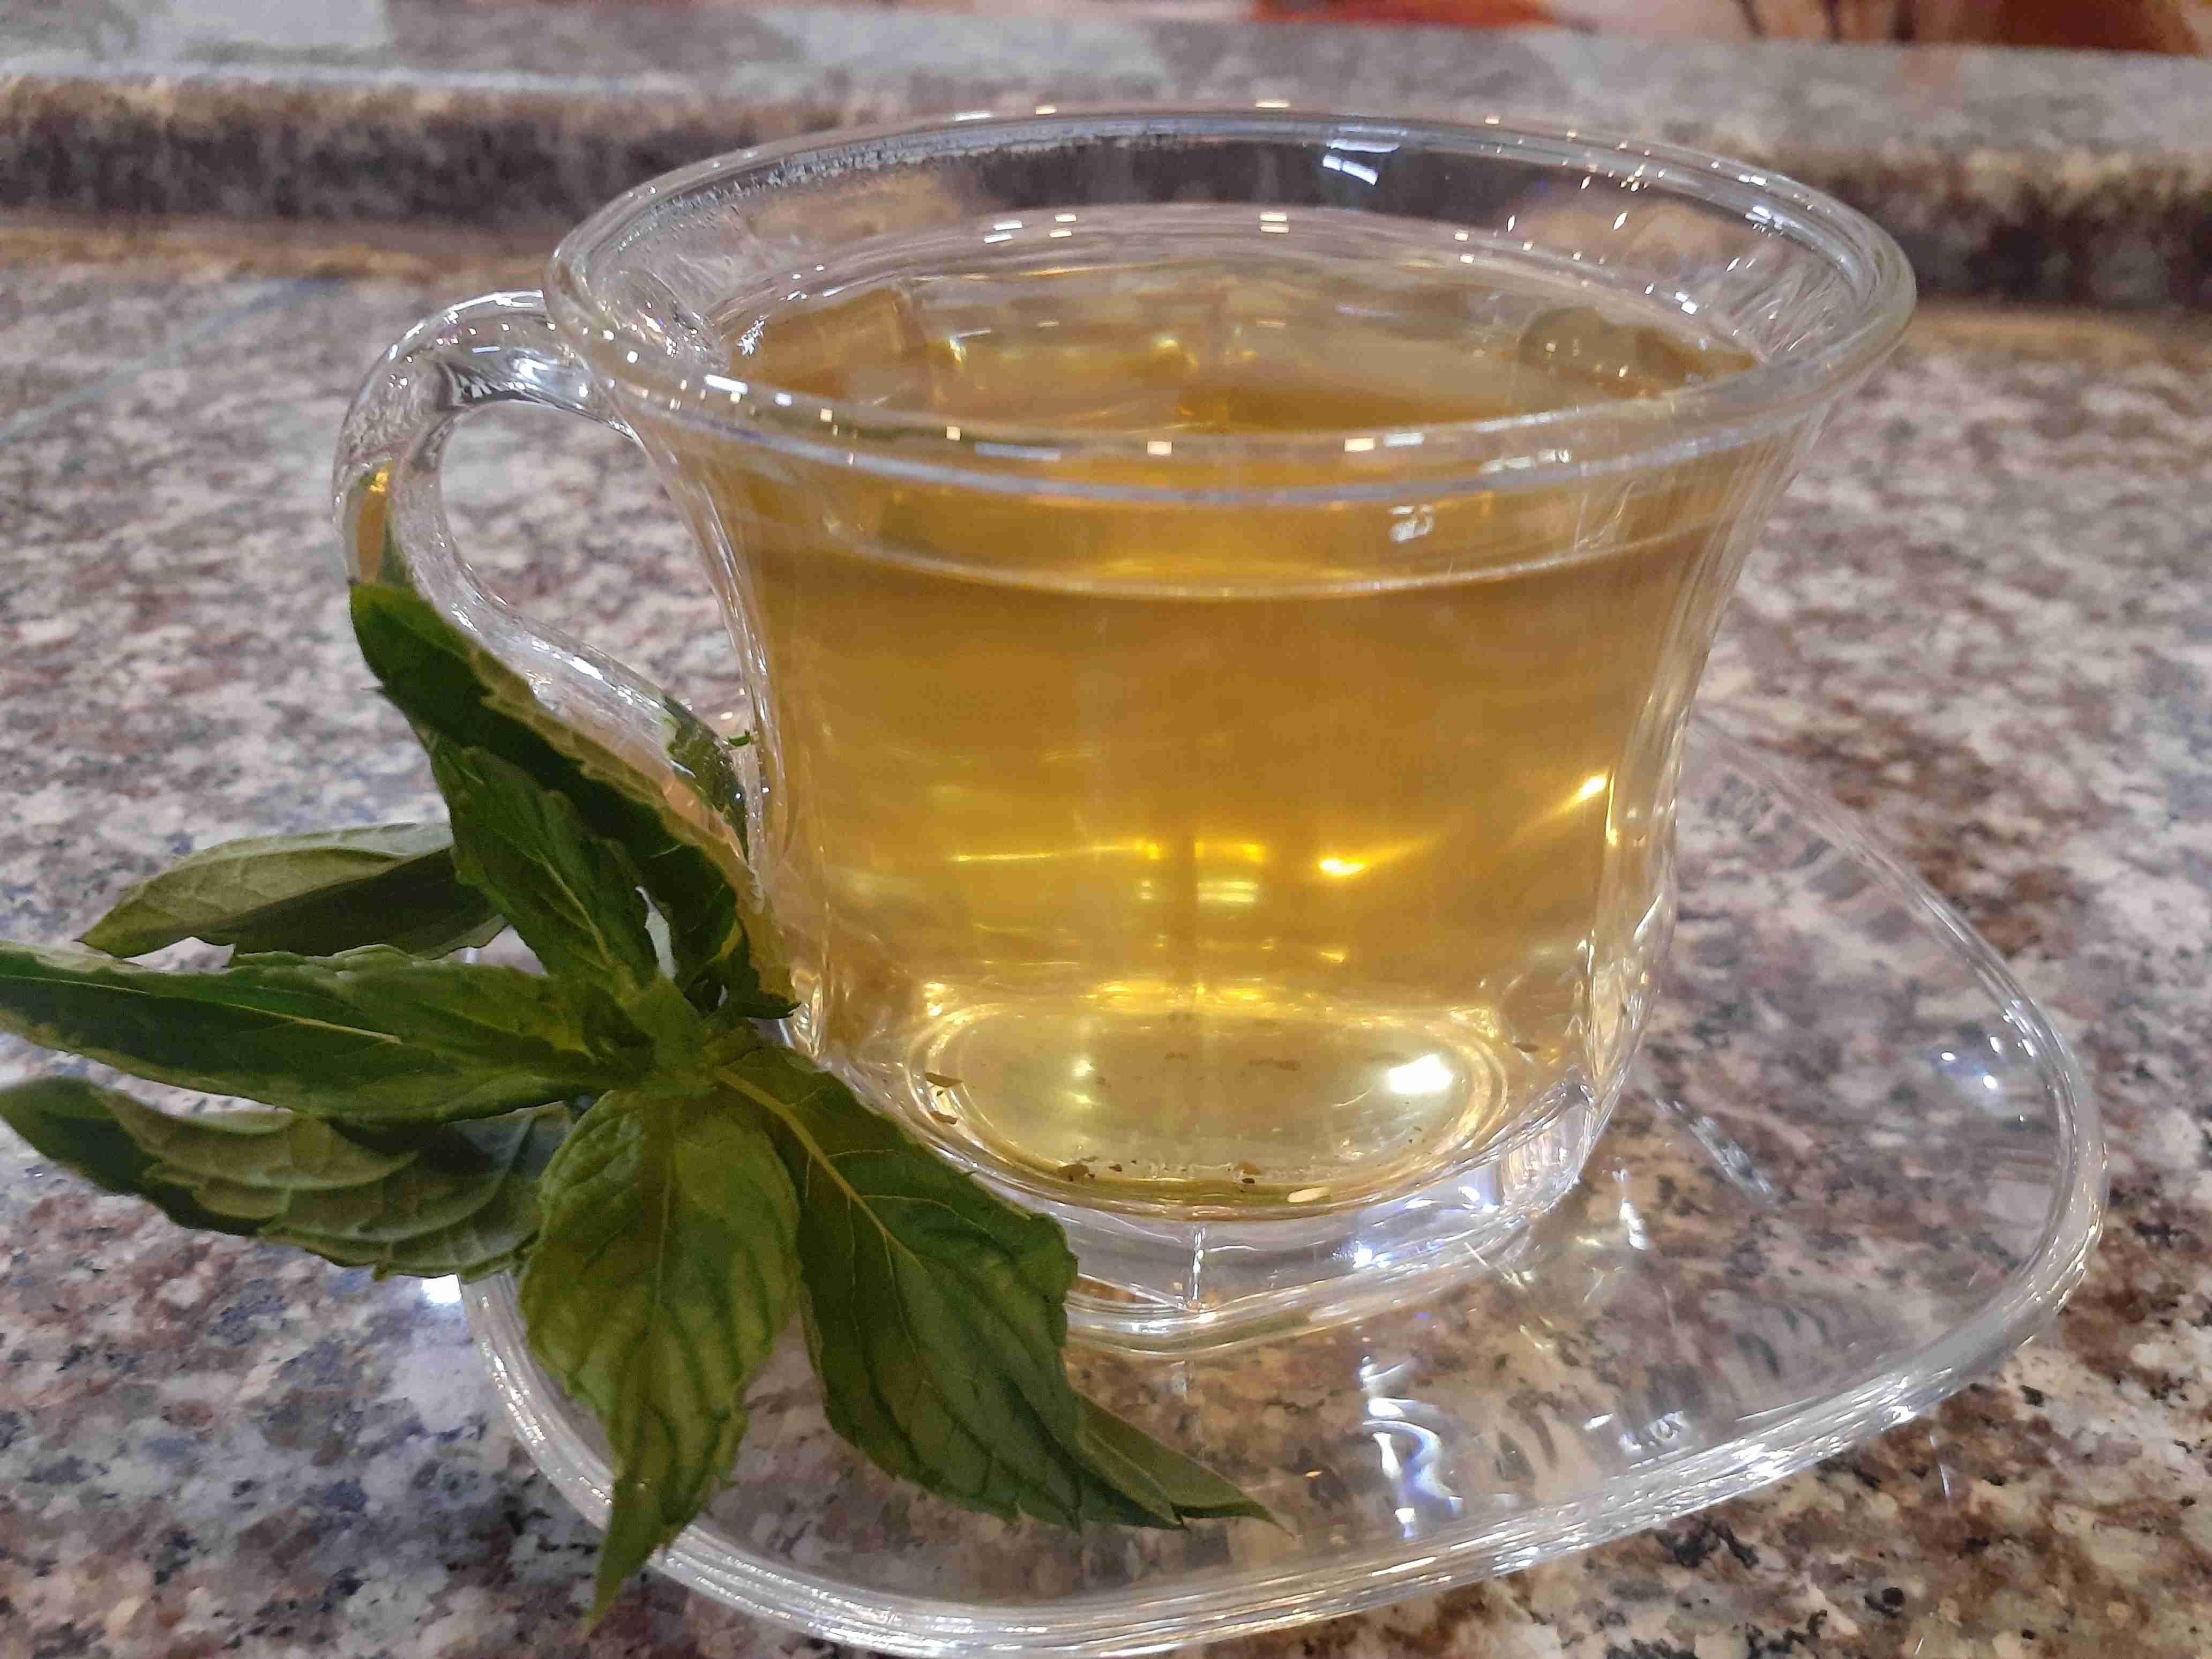 المشروب الحارق وصفات للتنحيف 2 ملكة المطبخ زاكي Recipe Punch Bowls Glassware Shot Glass